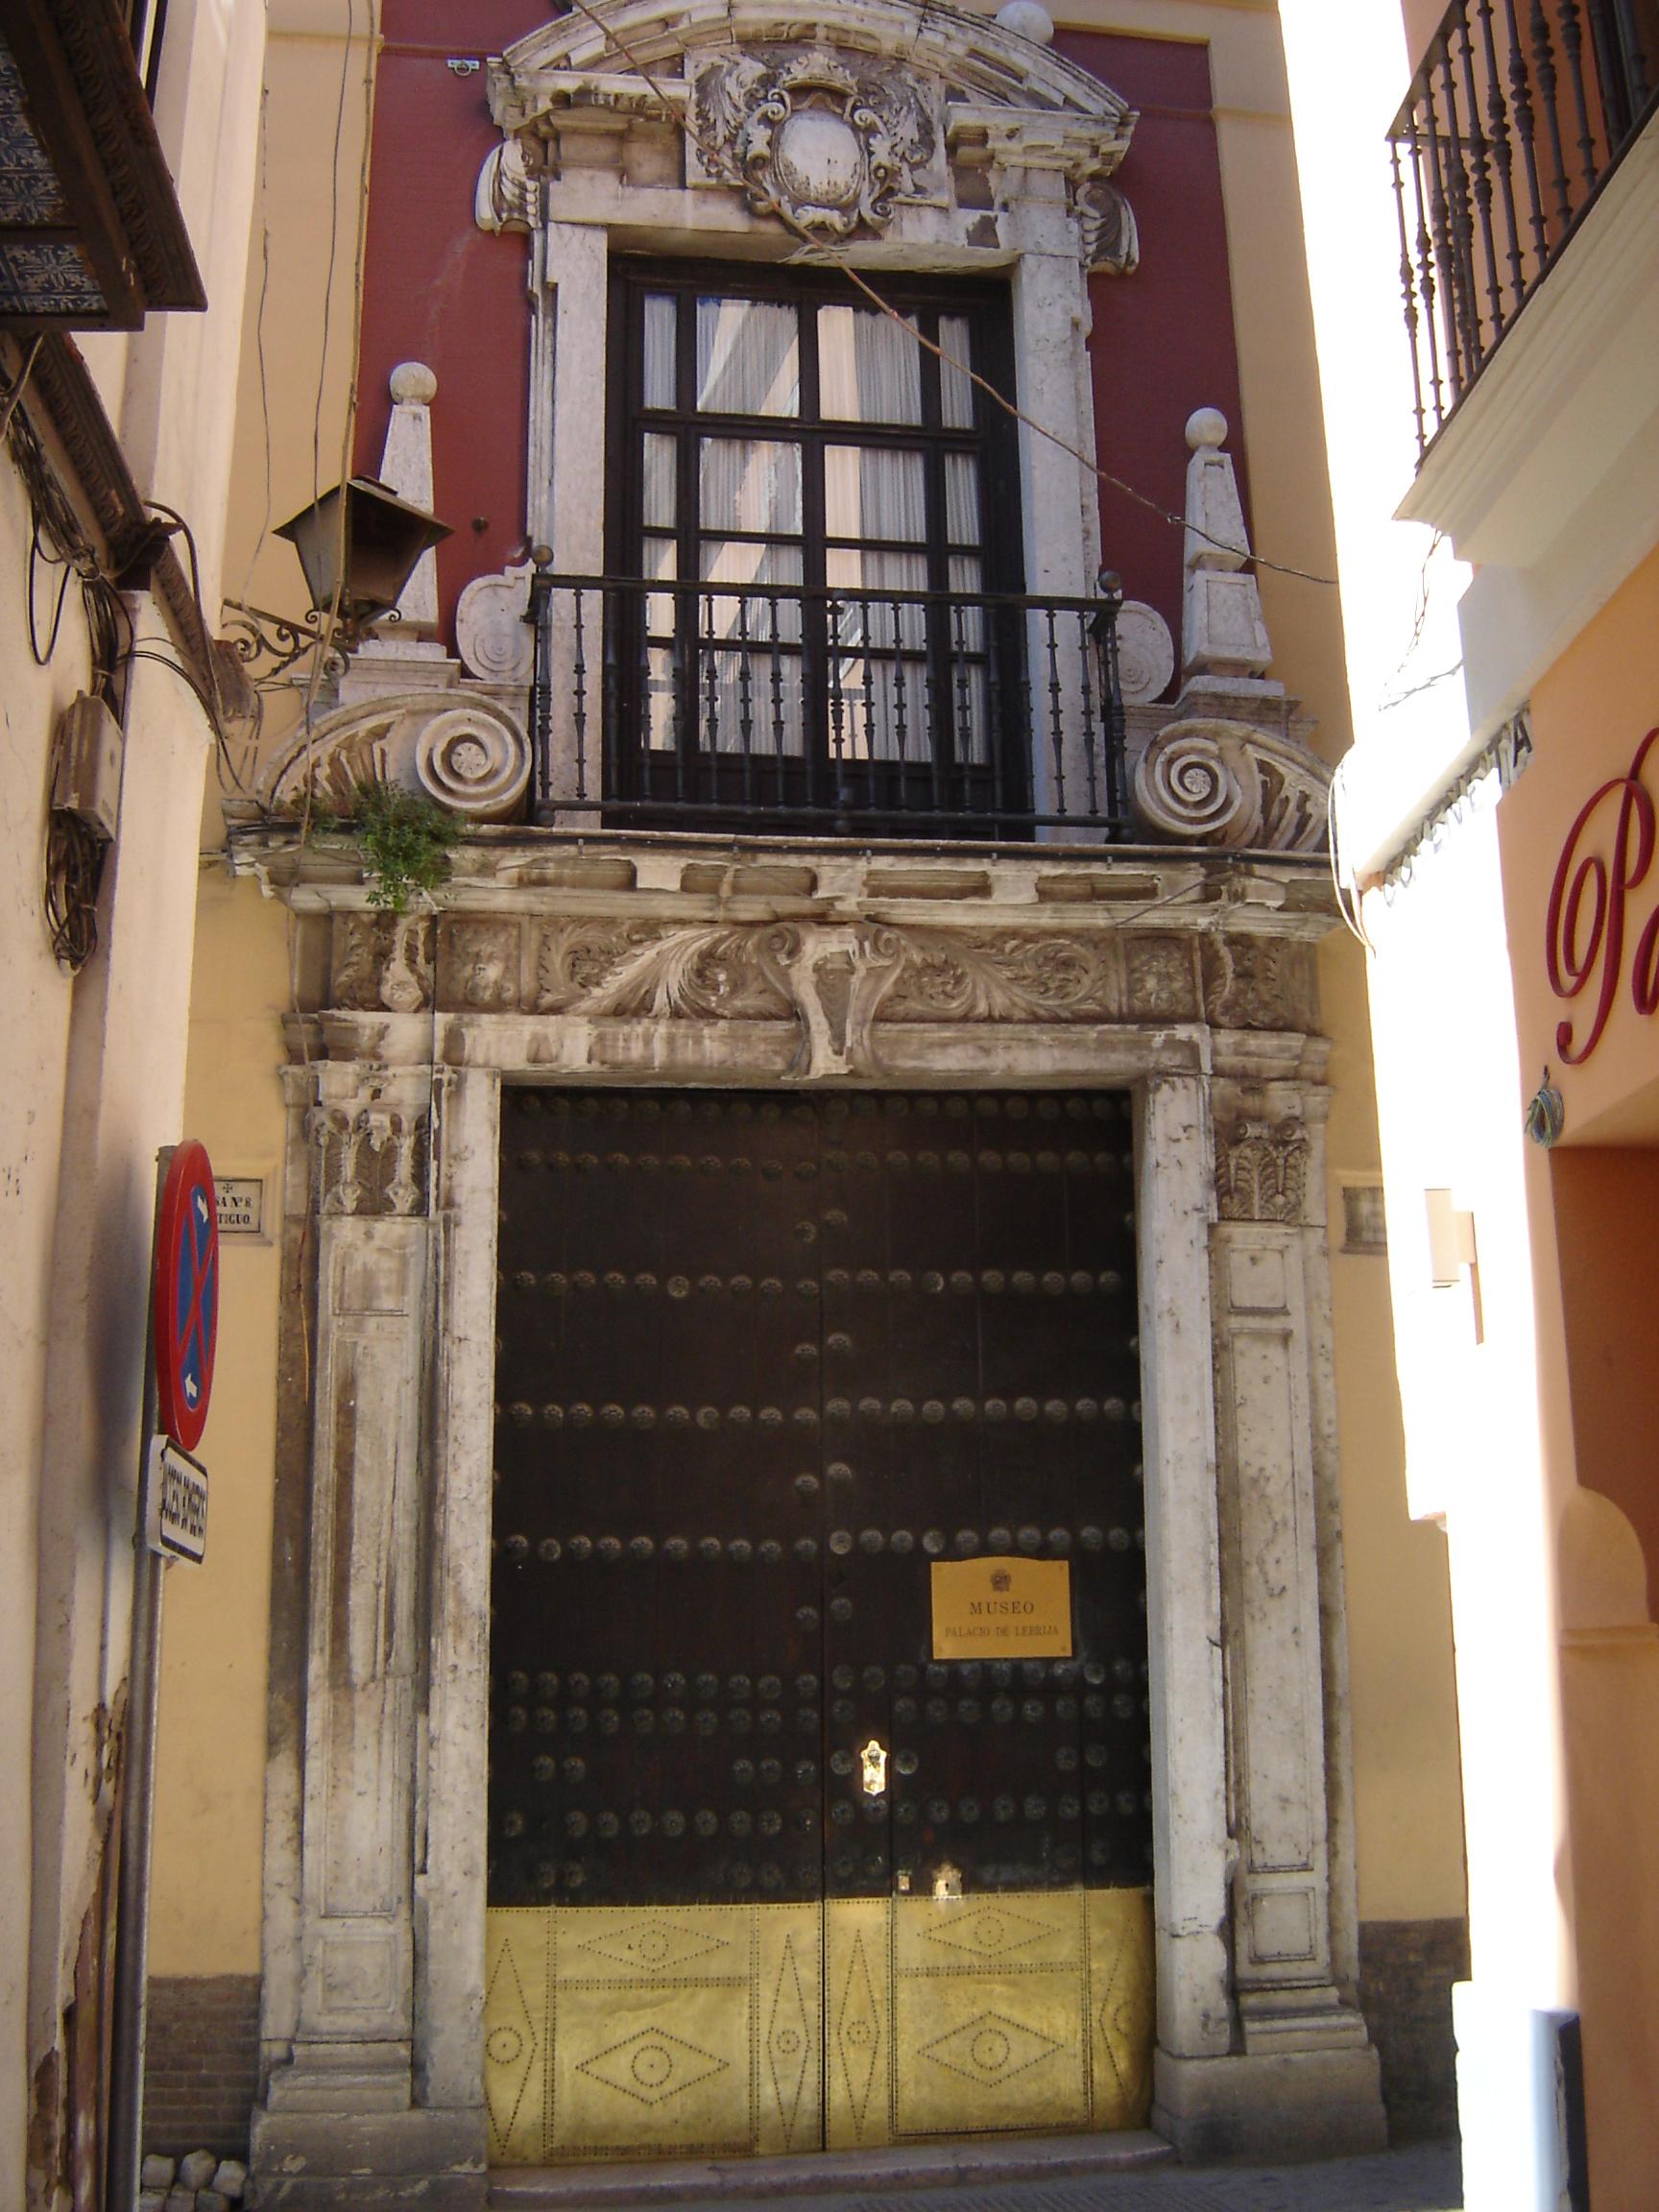 Palacio de la condesa de lebrija sevilla wikipedia la for Planimetrie gratuite della casa del campione